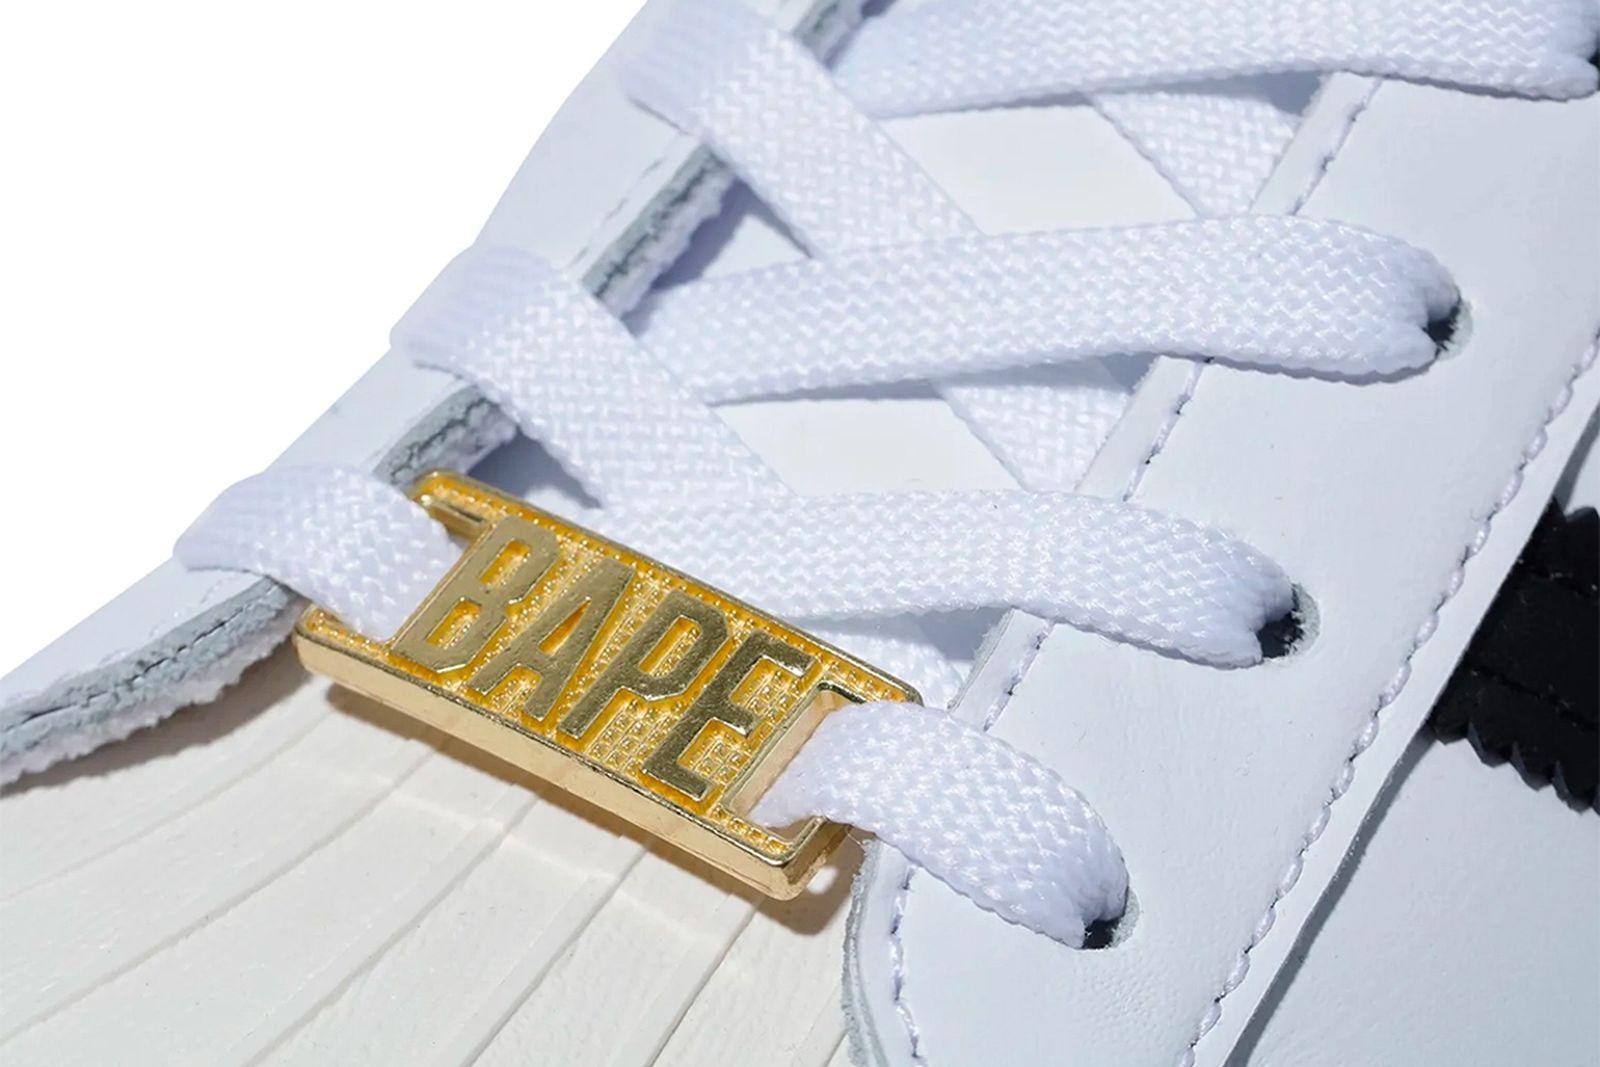 bape-adidas-superstar-2021-release-date-price-04